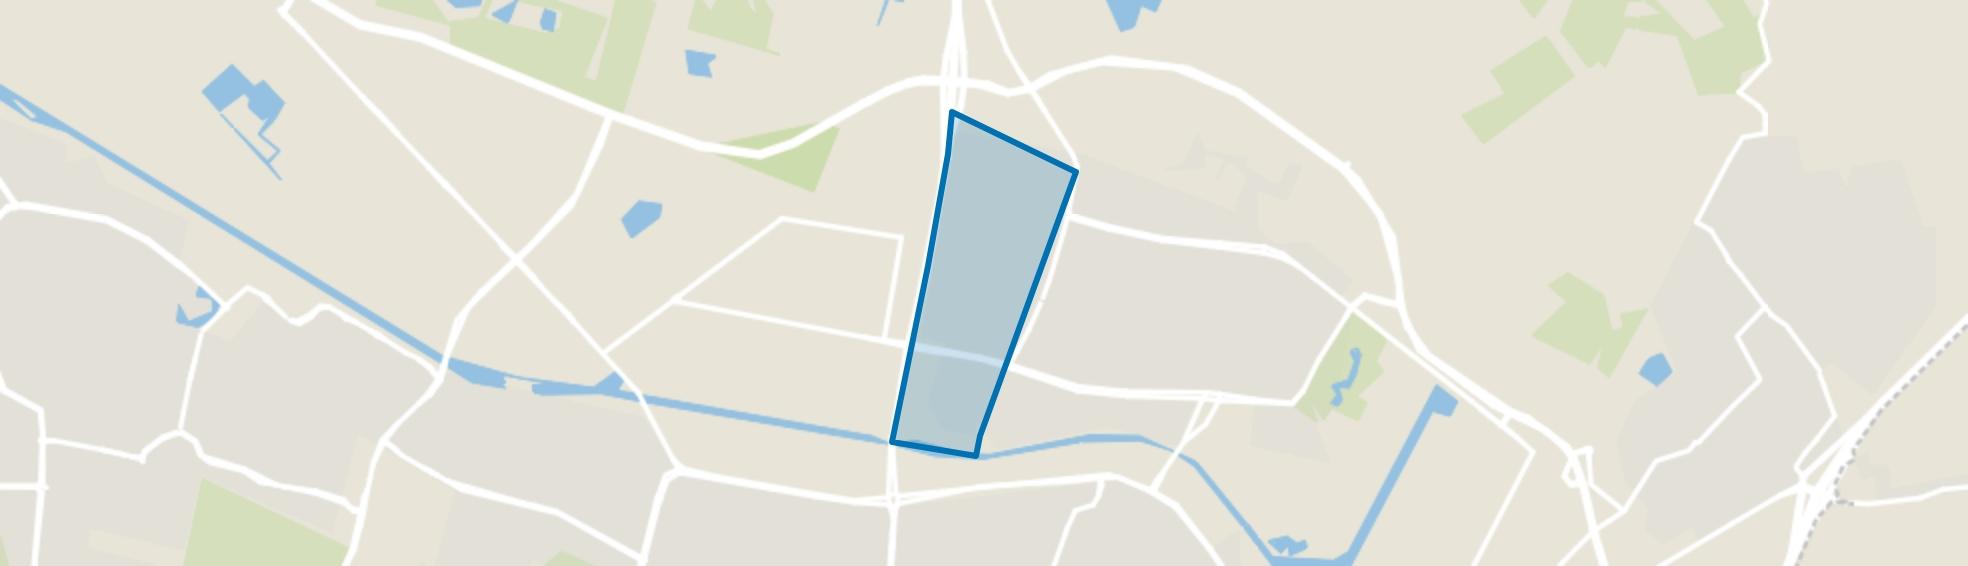 Stokhasselt, Tilburg map